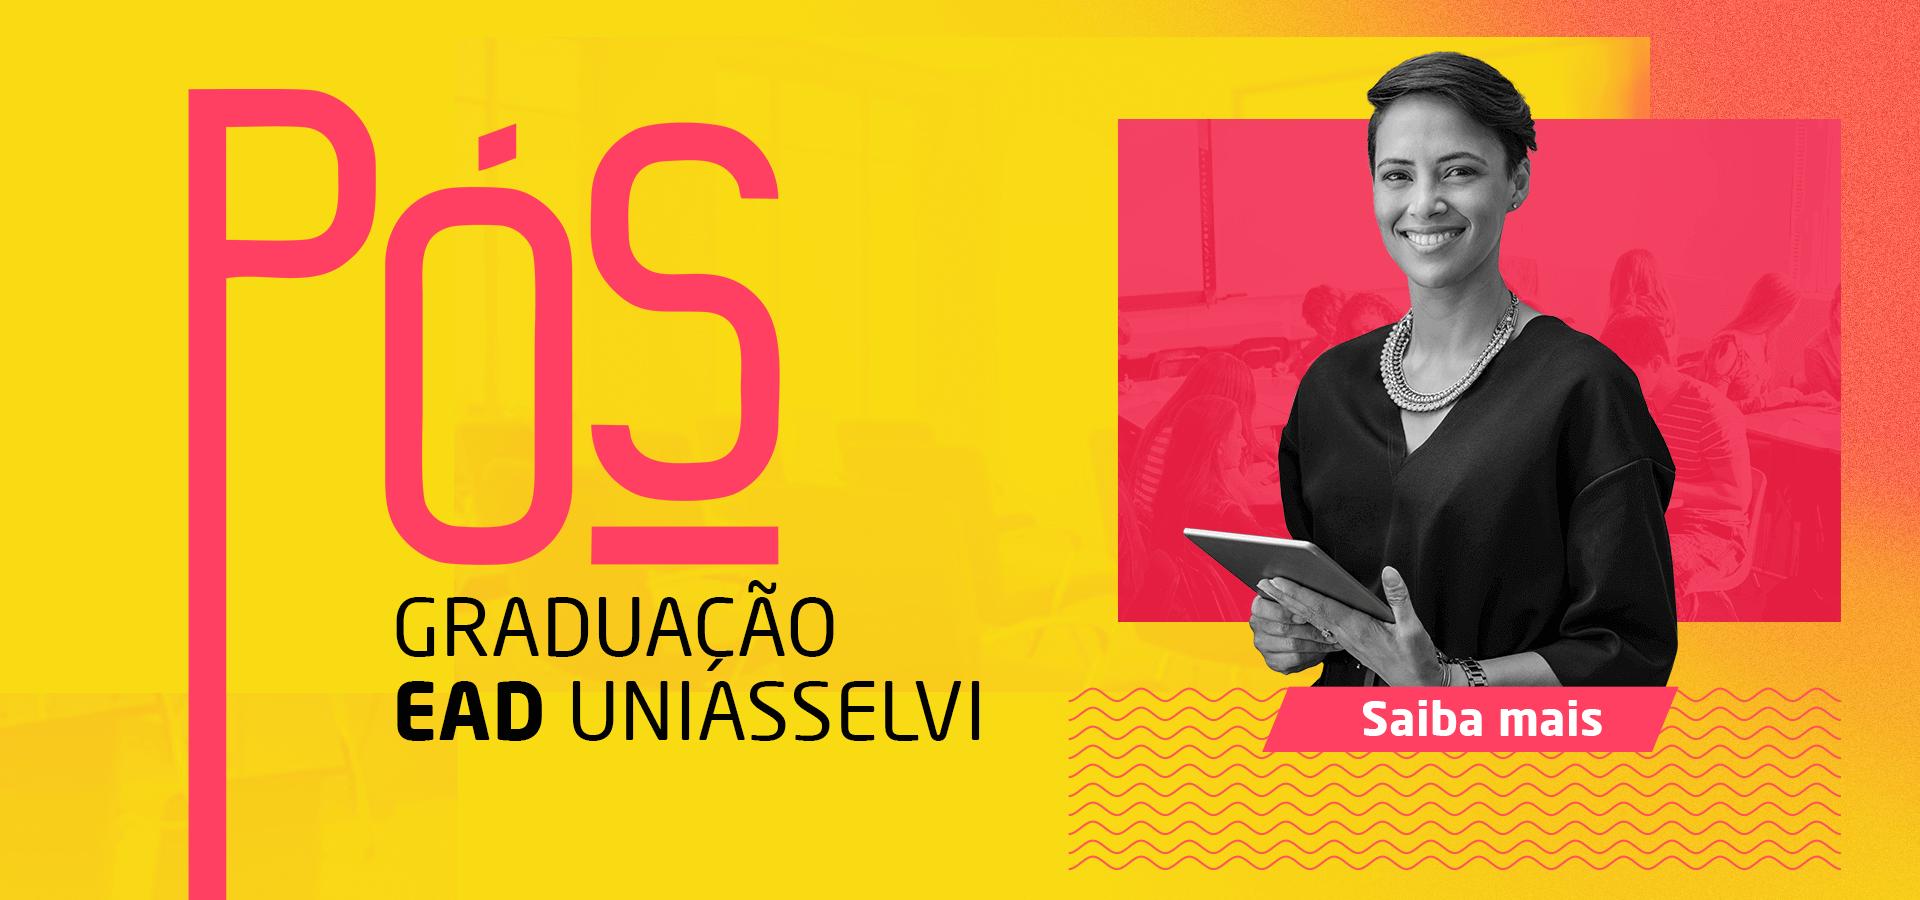 Pós-Graduação EAD Fadesc Uniasselvi